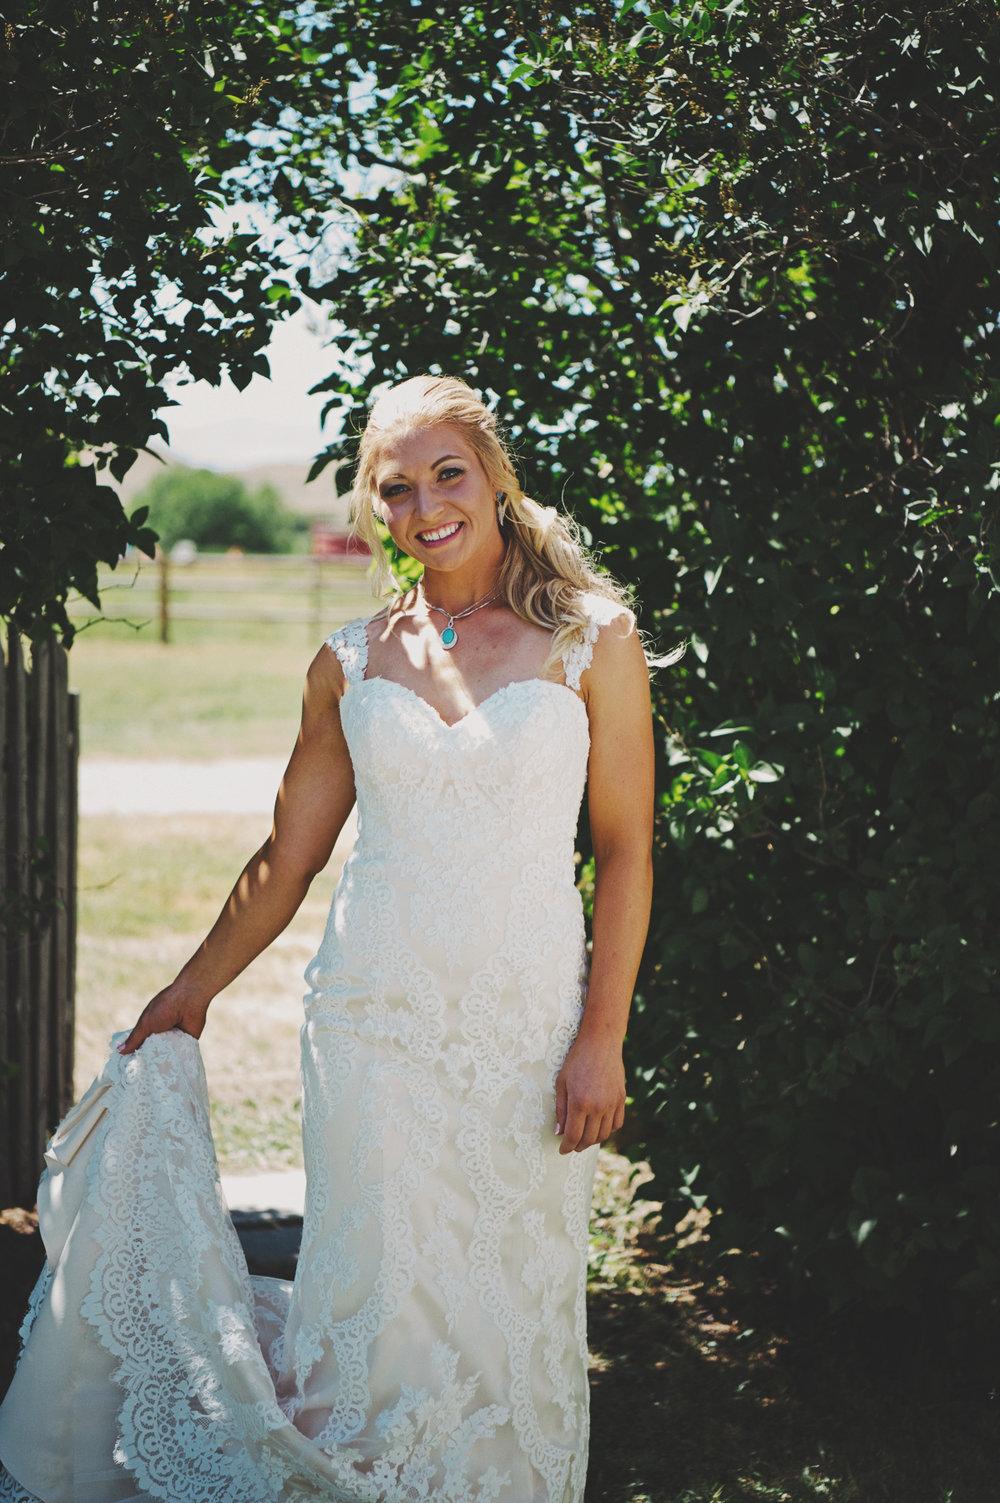 Erica Lind + Jeff Heim Wedding_Rustic Wedding_Montana Wedding_Kelsey Lane Photography-3688 copy.jpg